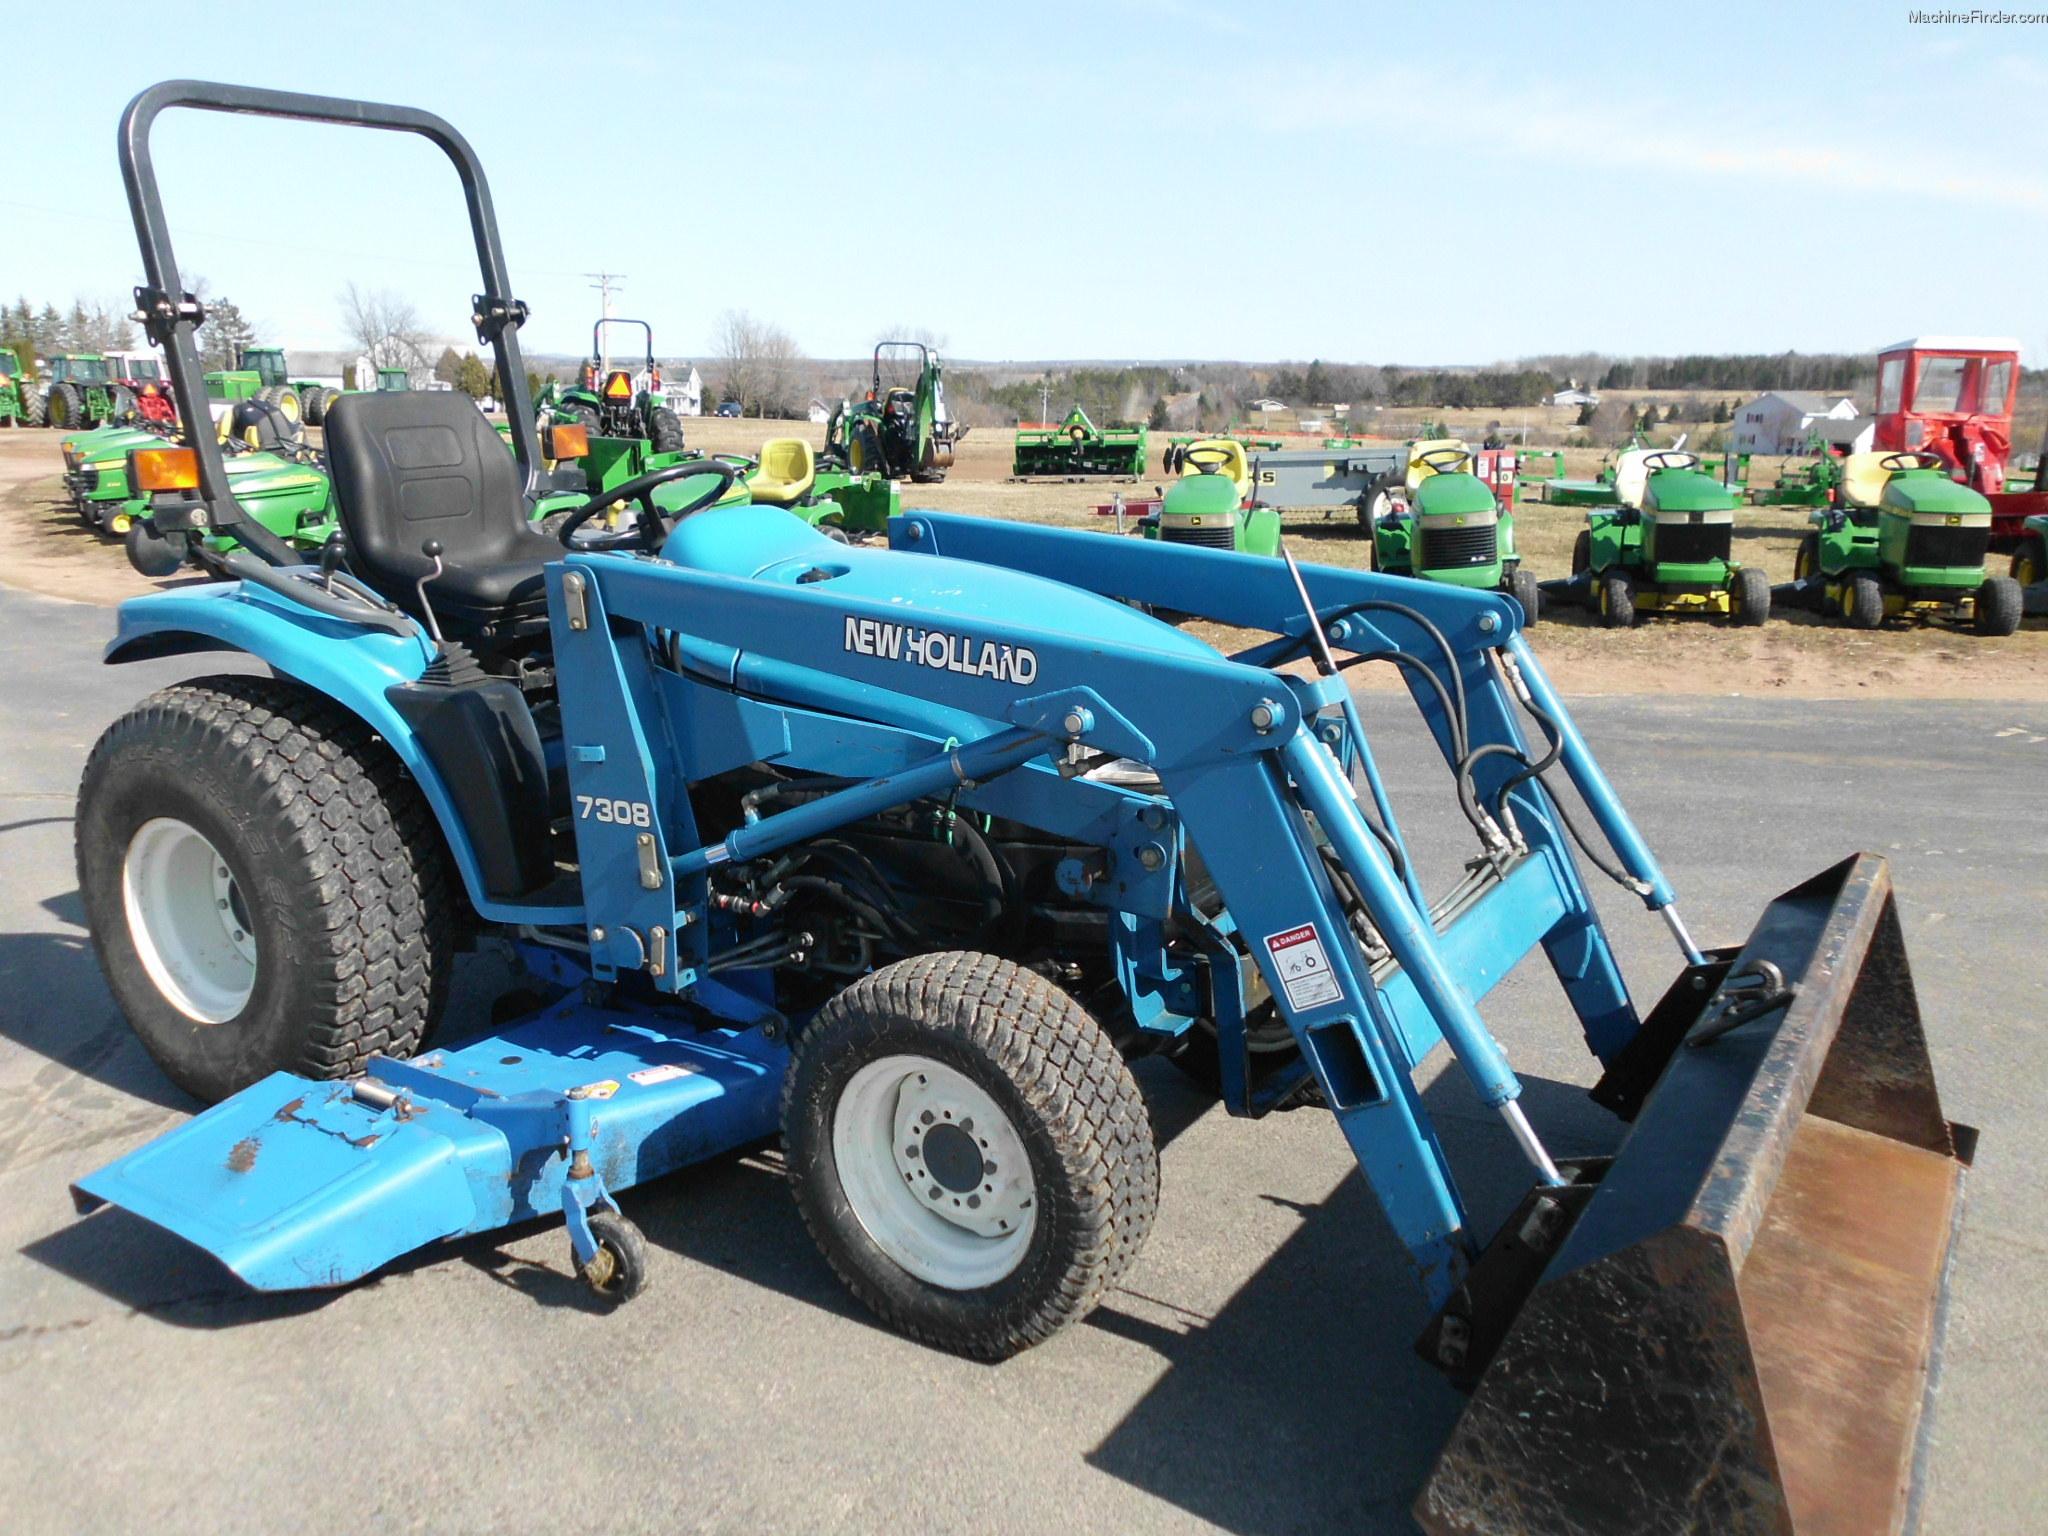 New Holland Compact Tractors Parts : New holland tc d tractors compact hp john